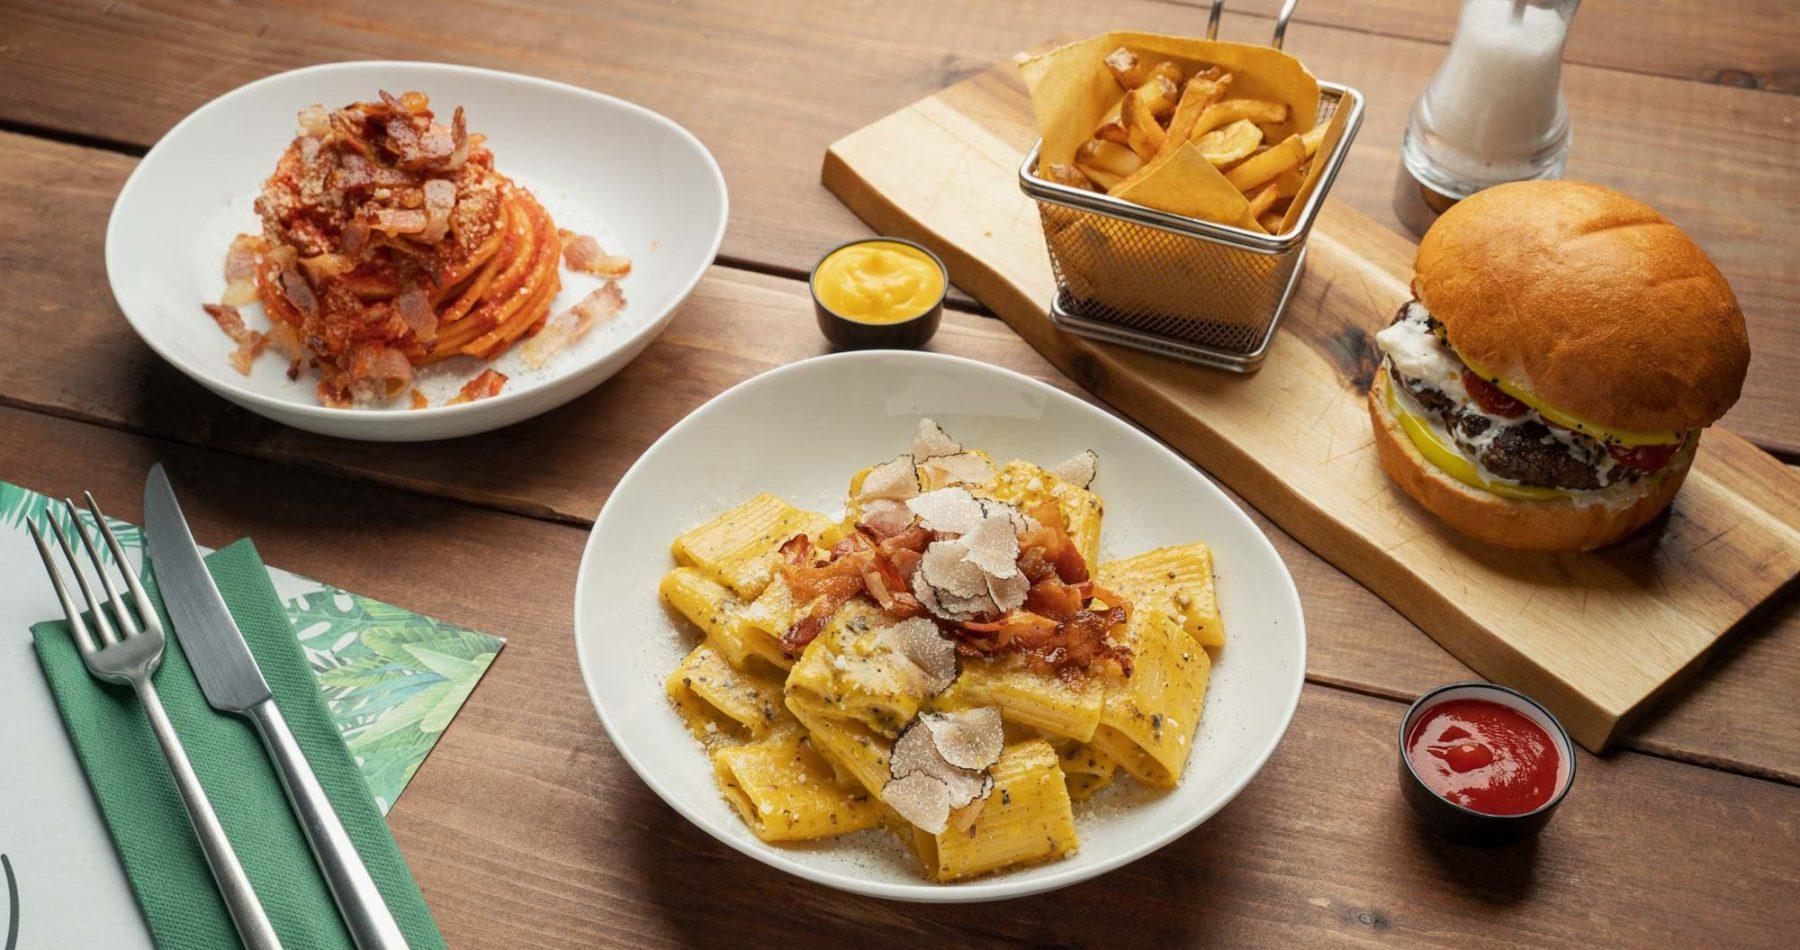 fotografia food su tavolo di legno